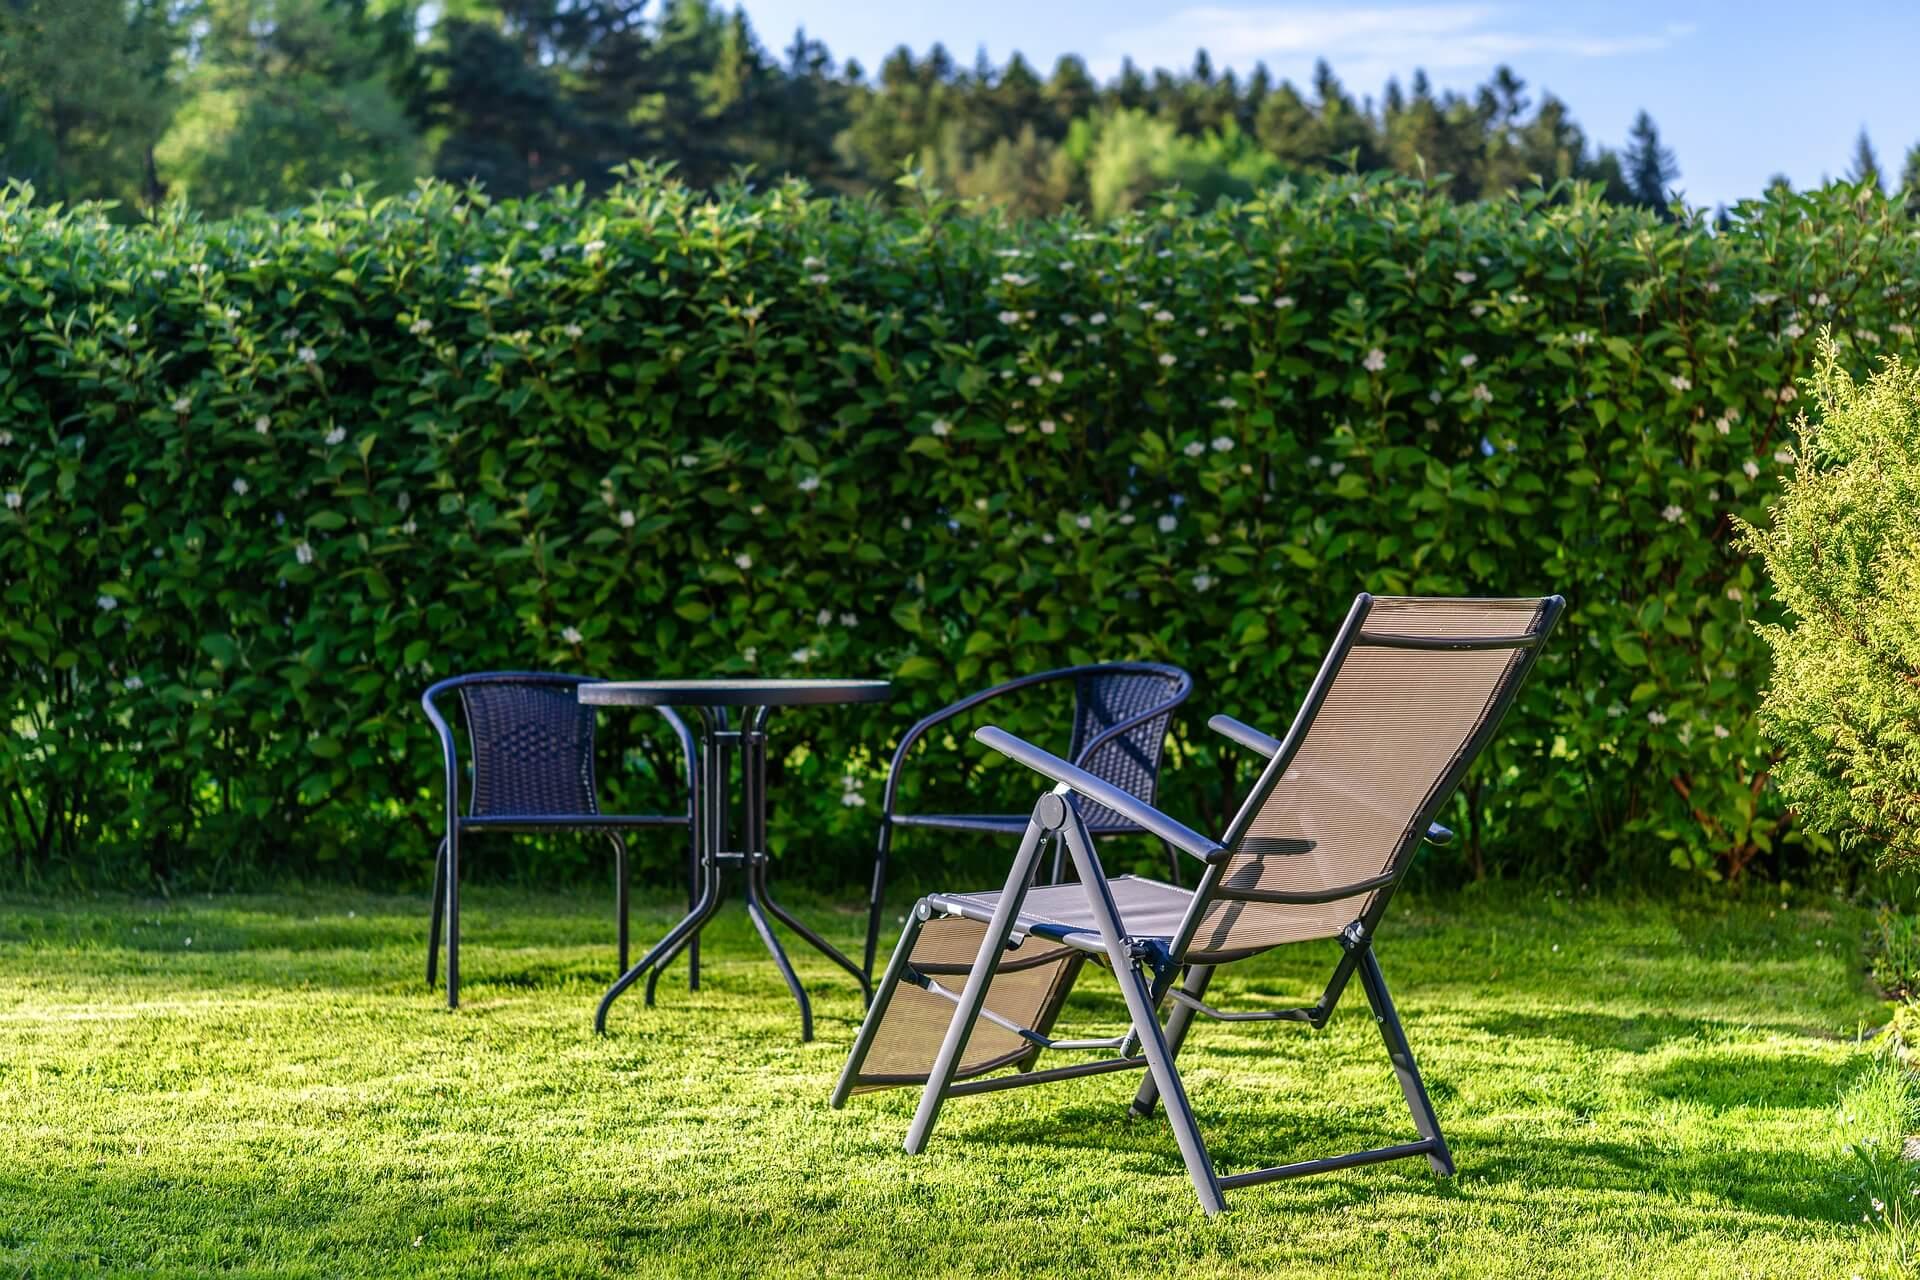 vakantiegevoel in de tuin